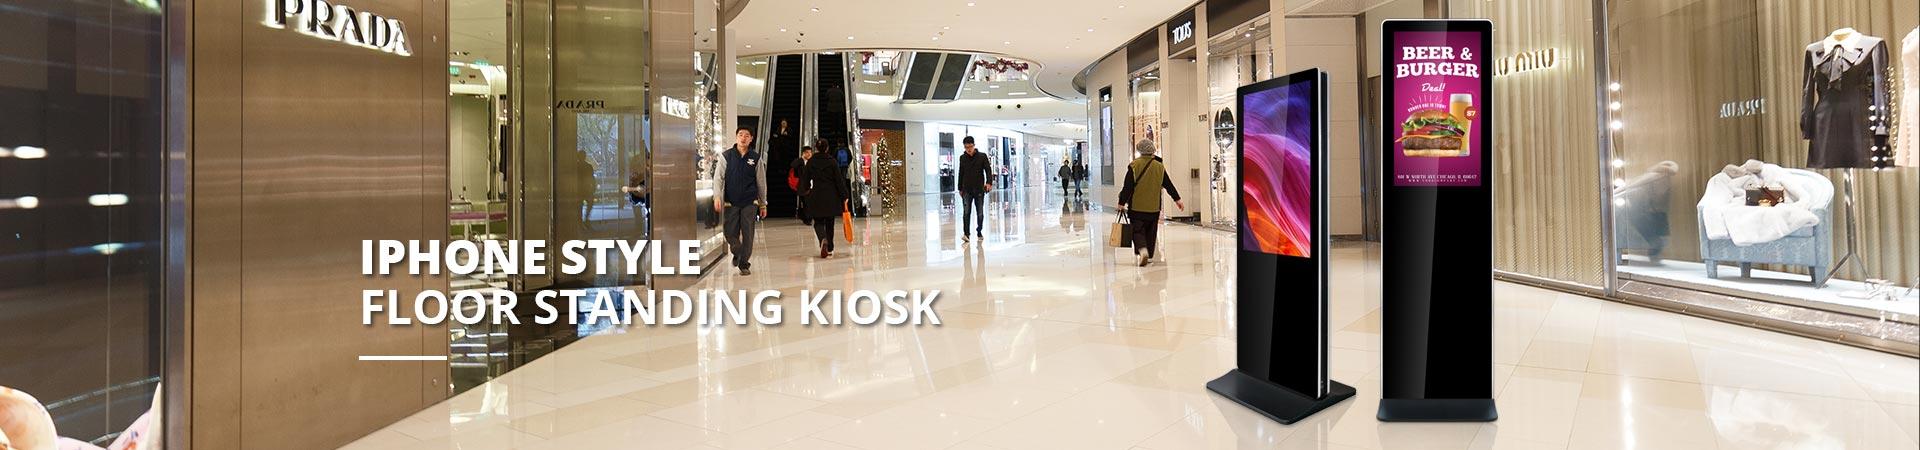 Floor Standing Kiosk